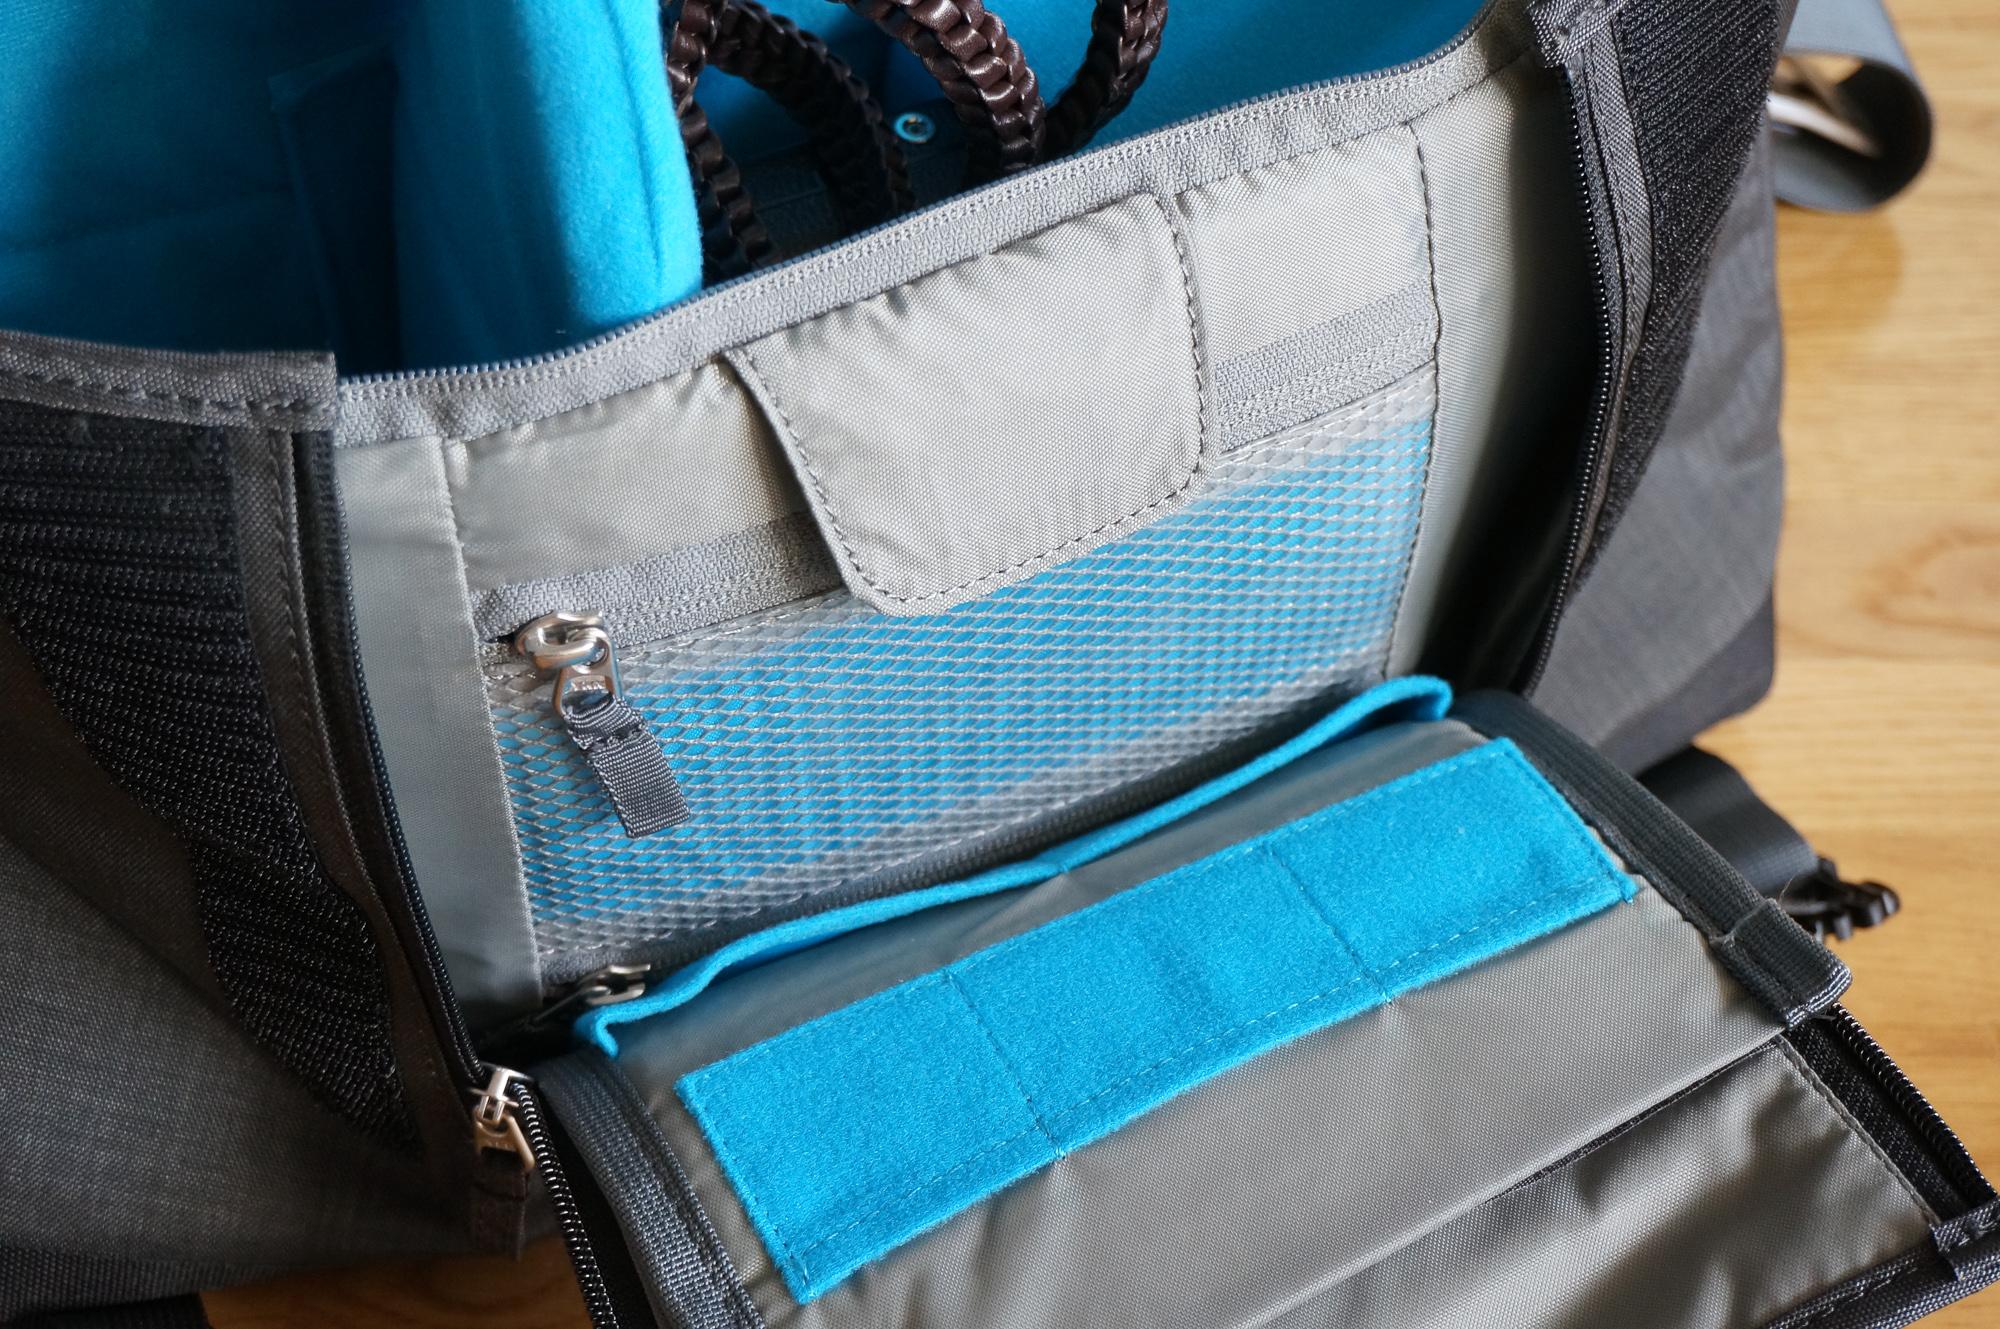 Le rabat s'ouvre pour laisser apparaître de - petites - poches pour les accessoires photo